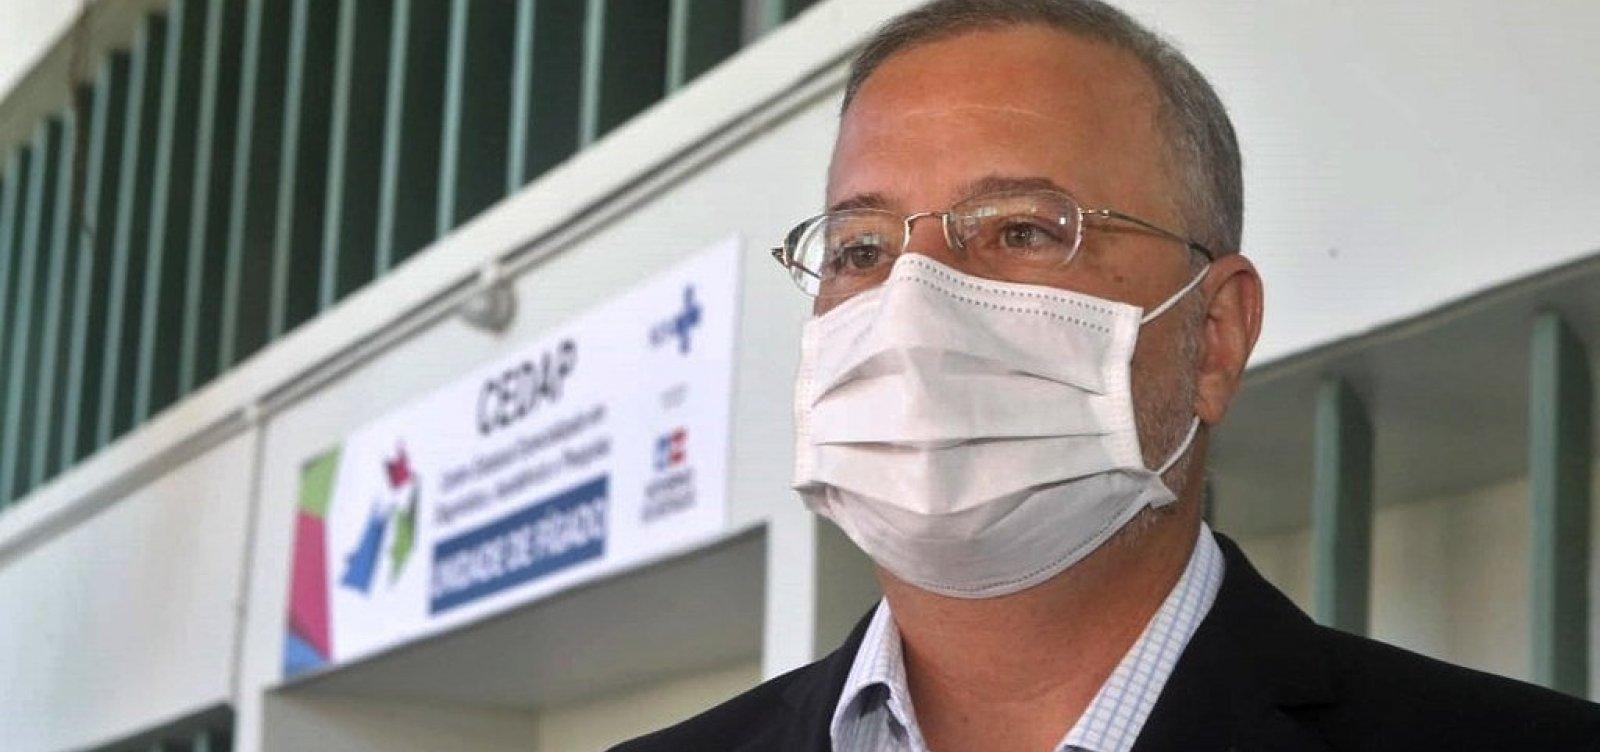 [Secretário estadual de Saúde critica exigências da Anvisa para vacina contra Covid-19]